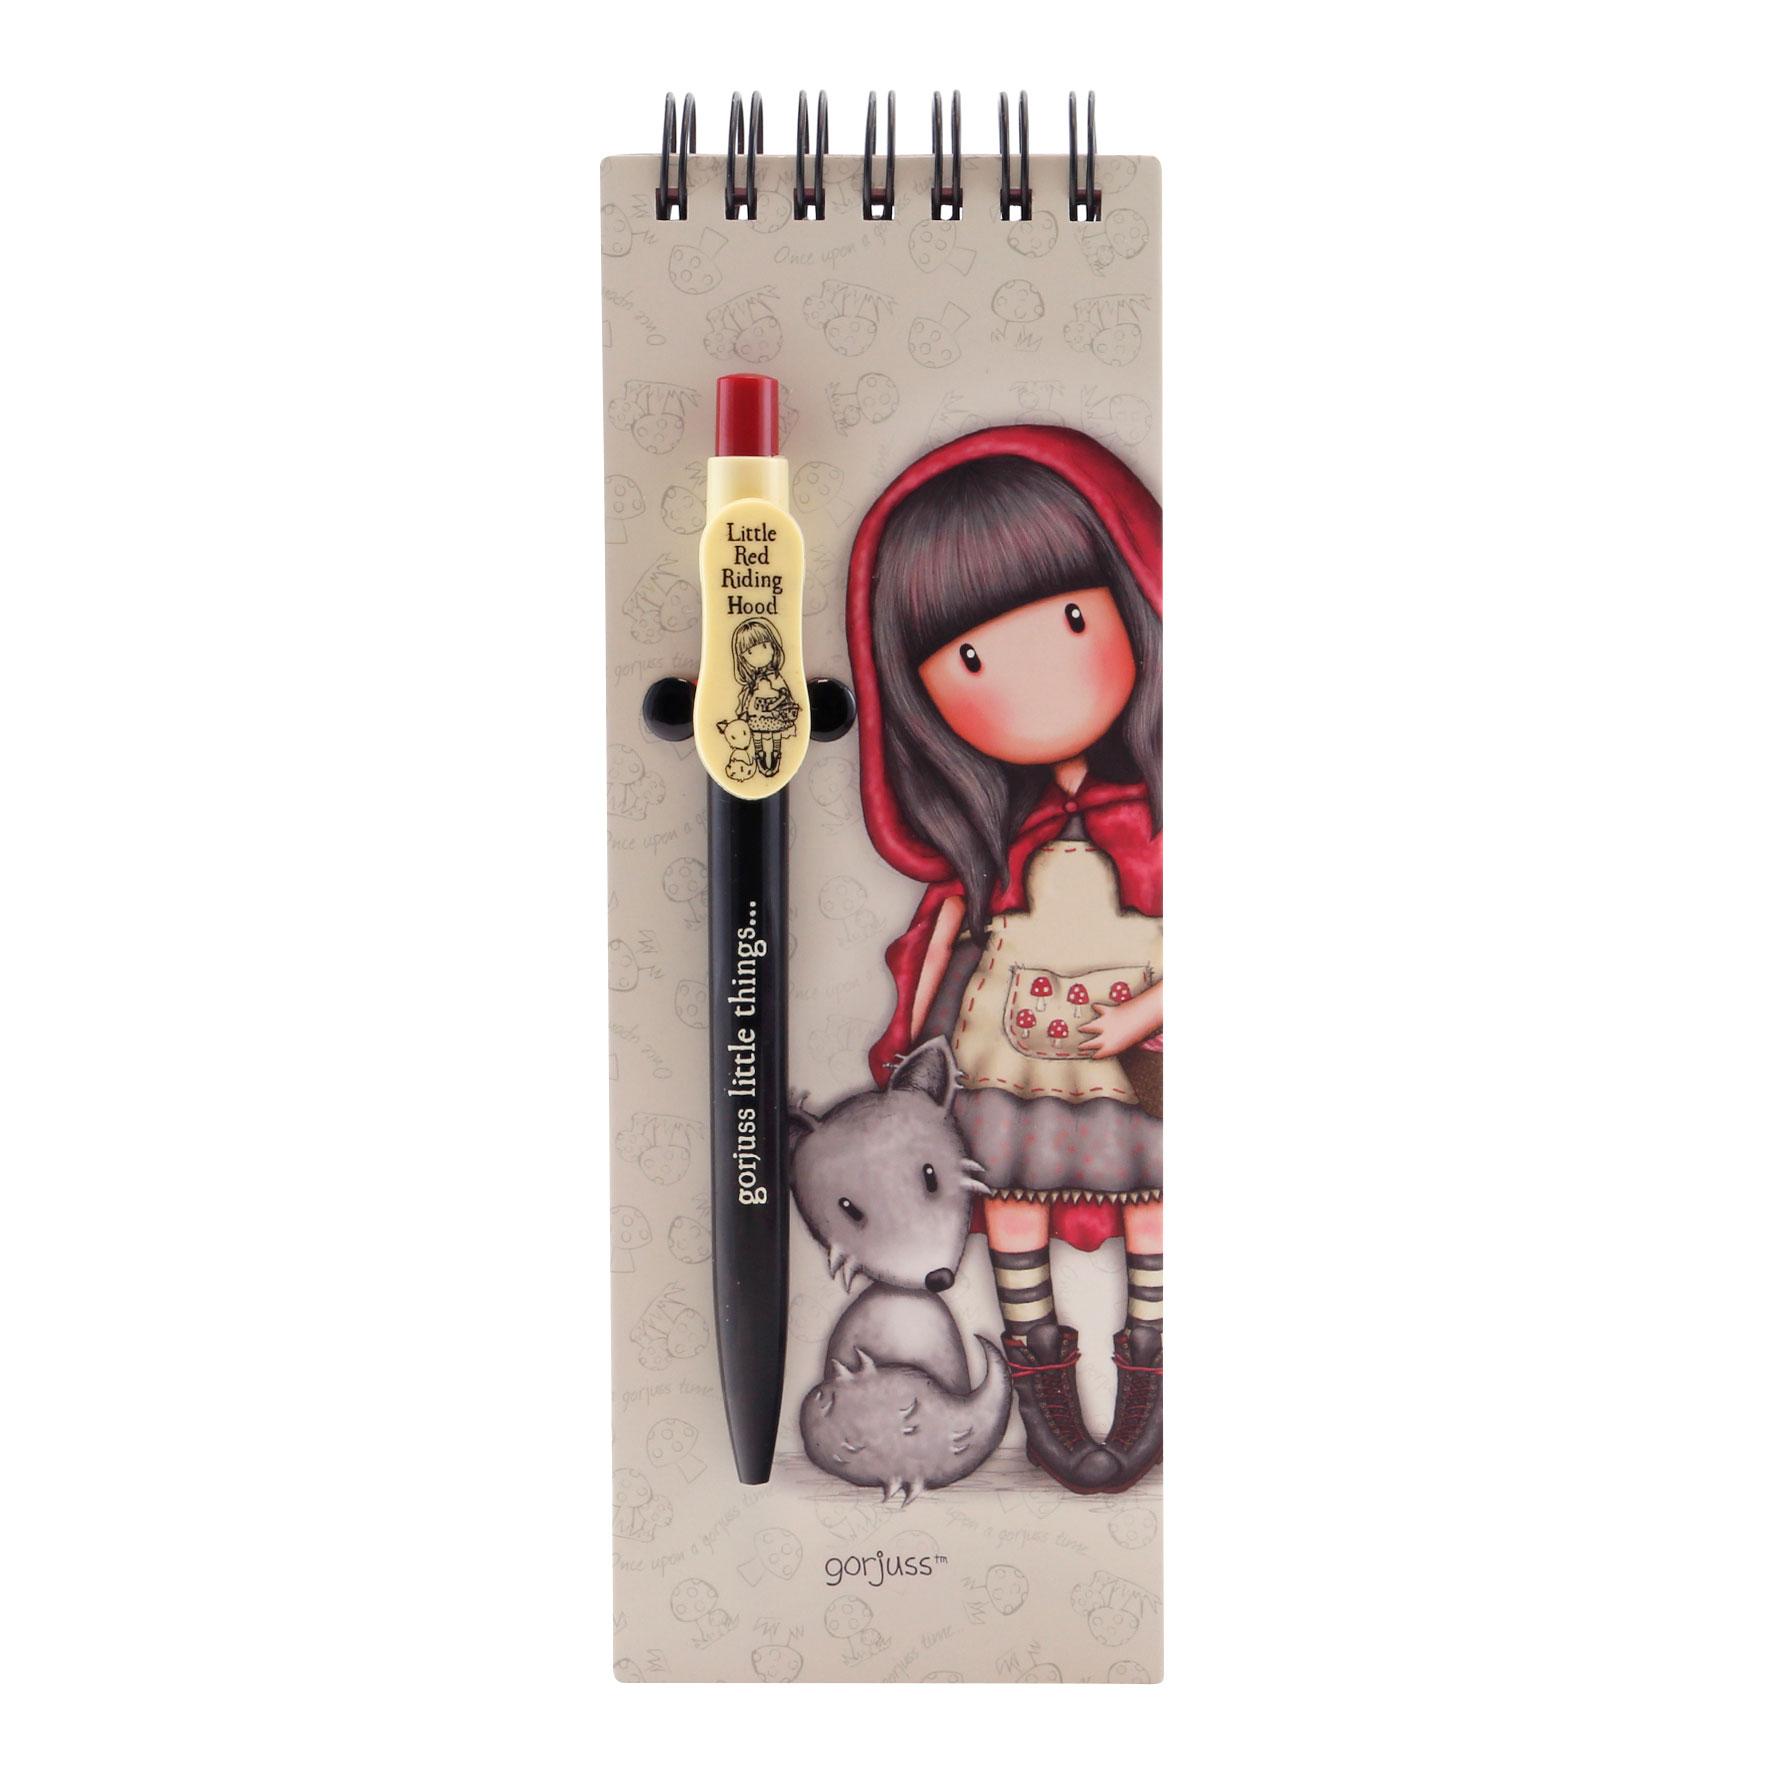 Gorjuss Little Red Riding Hood Jotter with Pen